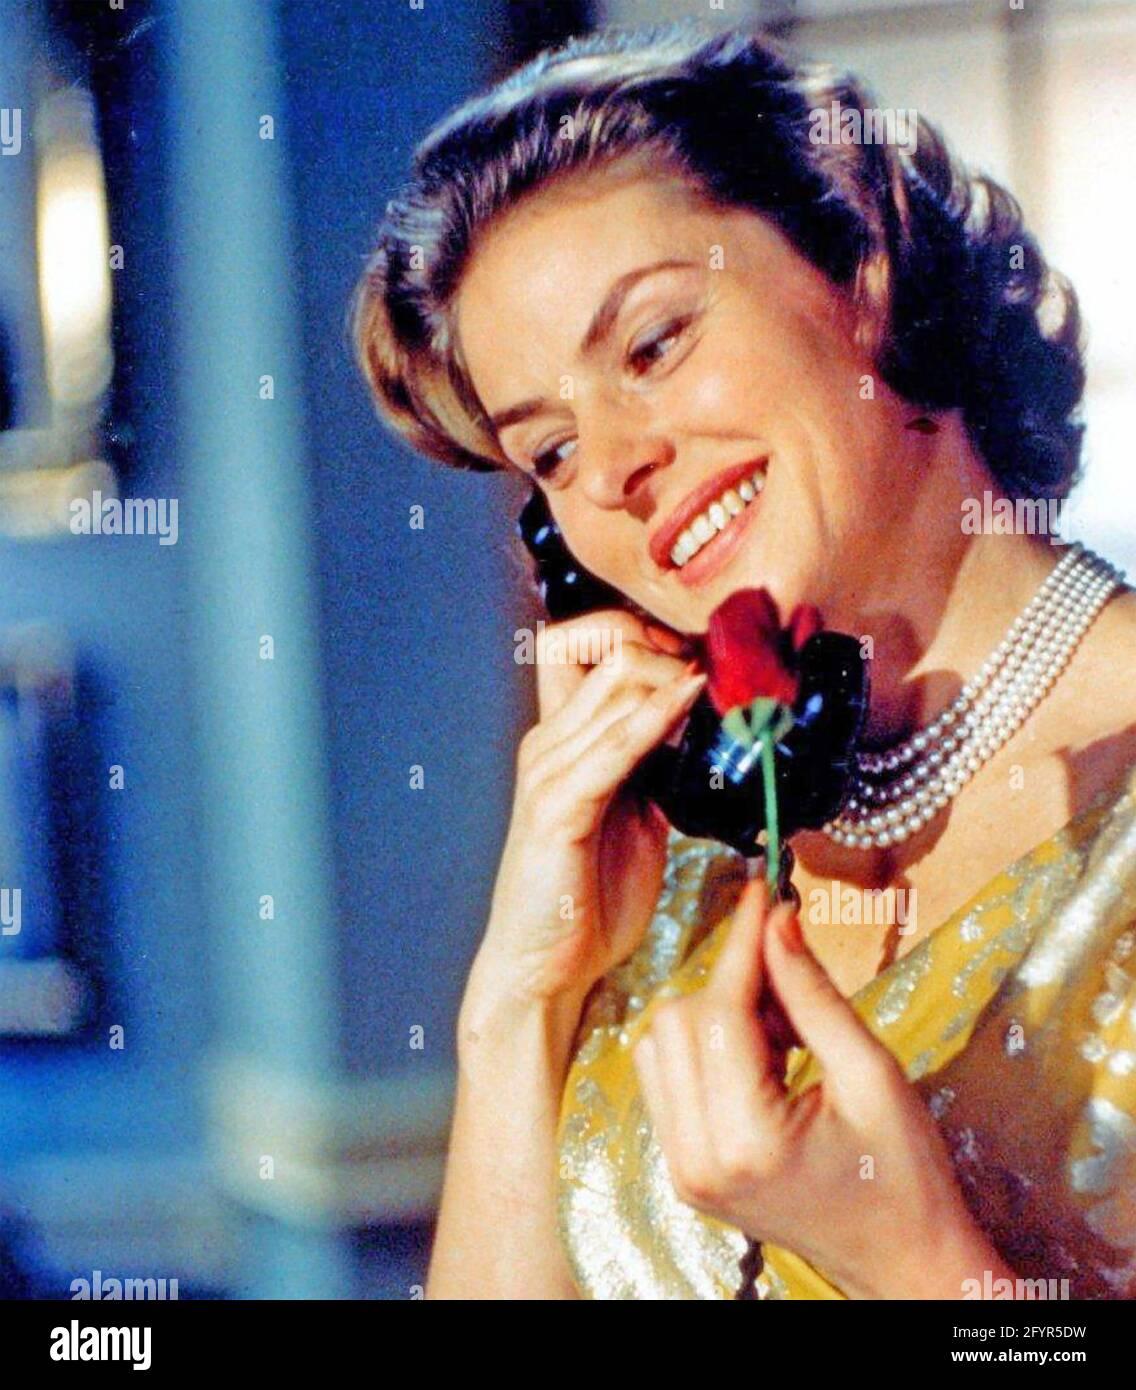 INGRID BERGMAN (1915-1982) actrice suédoise vers 1955 Banque D'Images